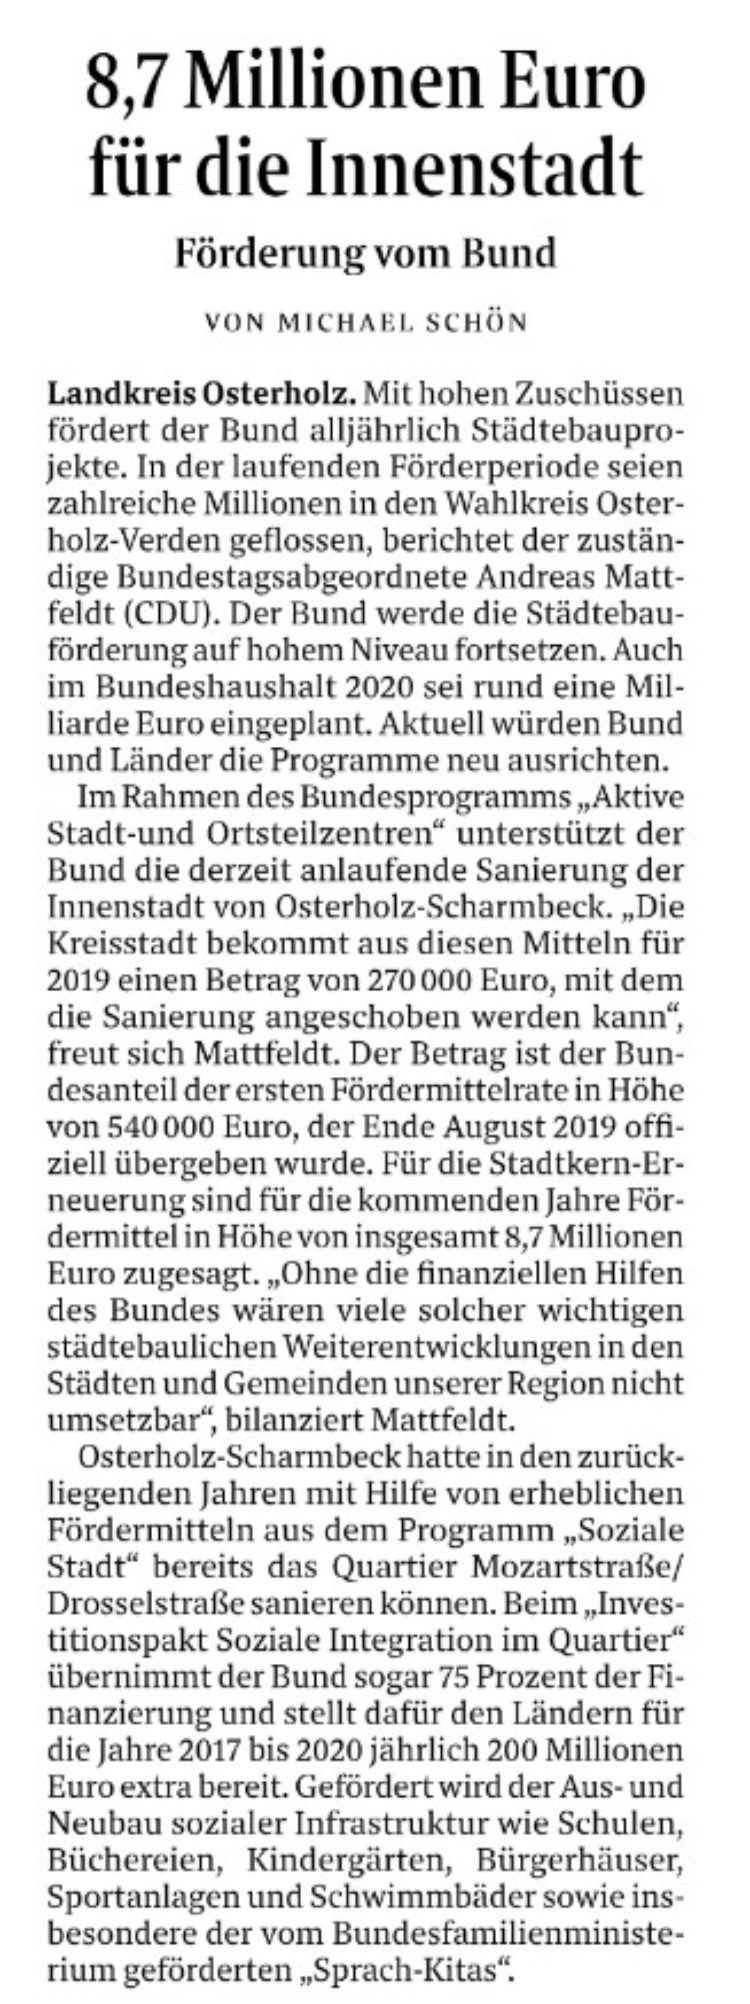 Millionen vom Bund für die Stadtentwicklung